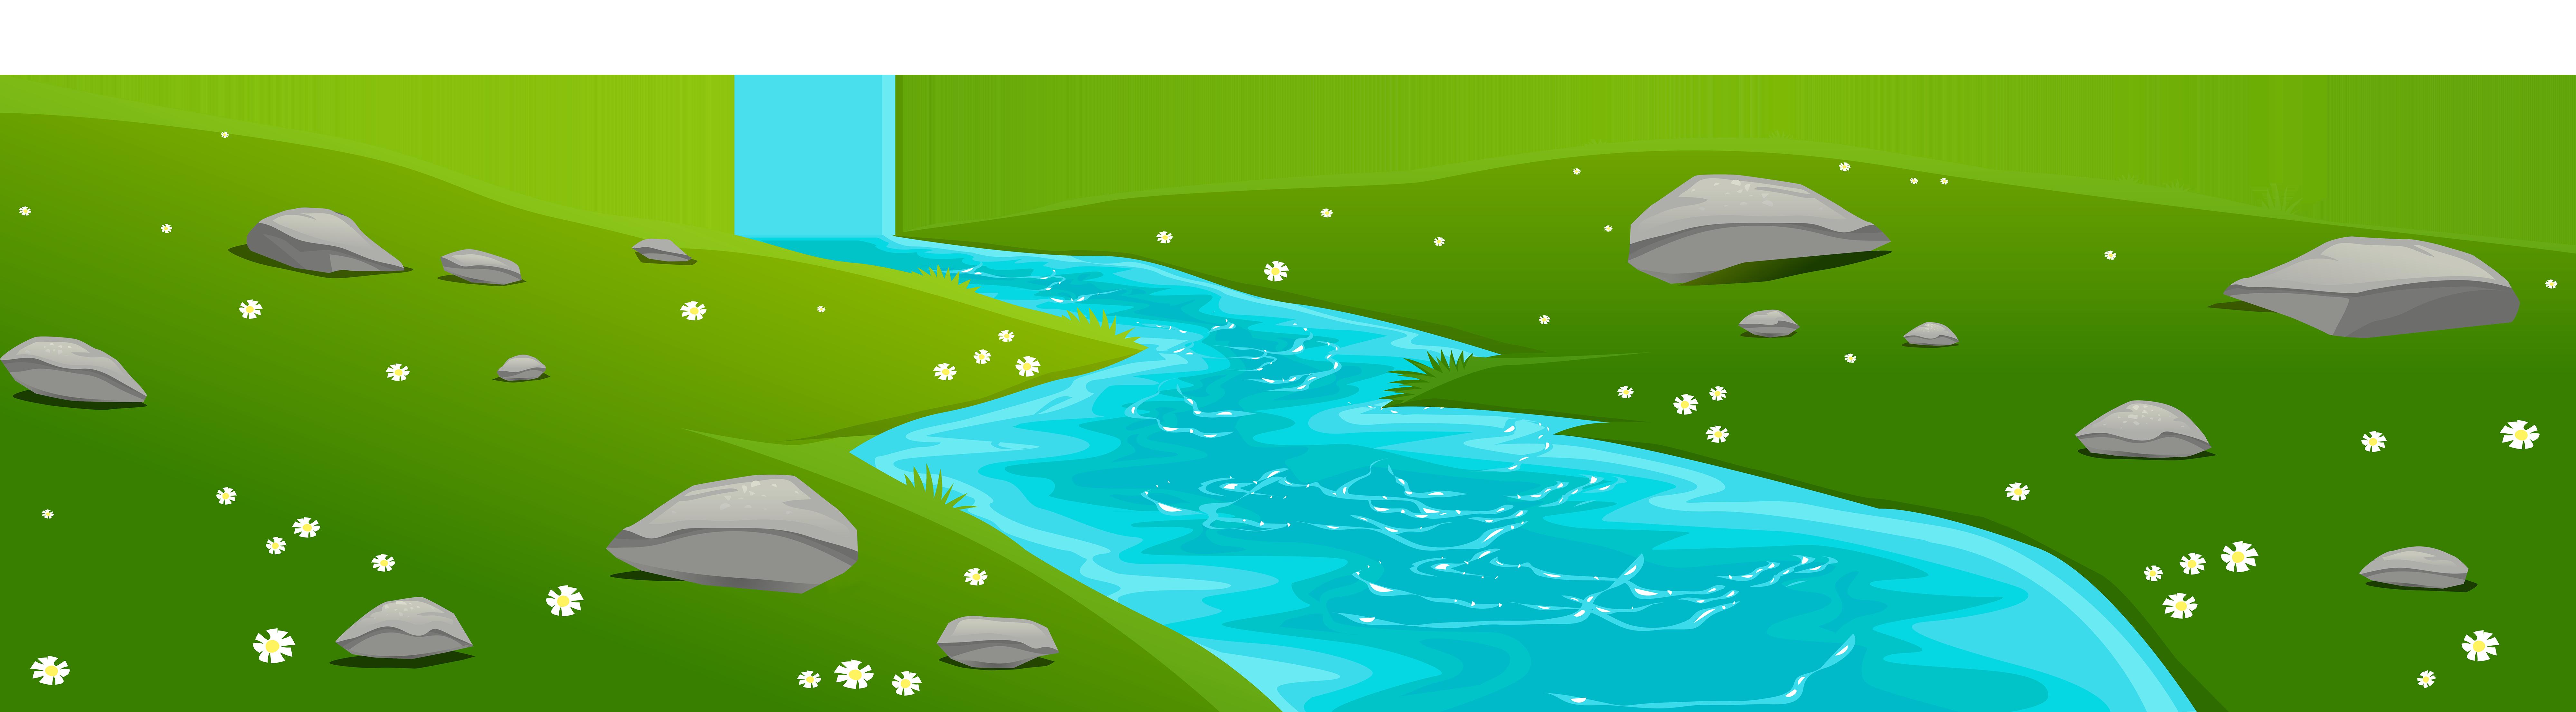 River Ground Cover Transparent Png Clip Art Image Ilustrasi Pendidikan Gambar Ilustrasi